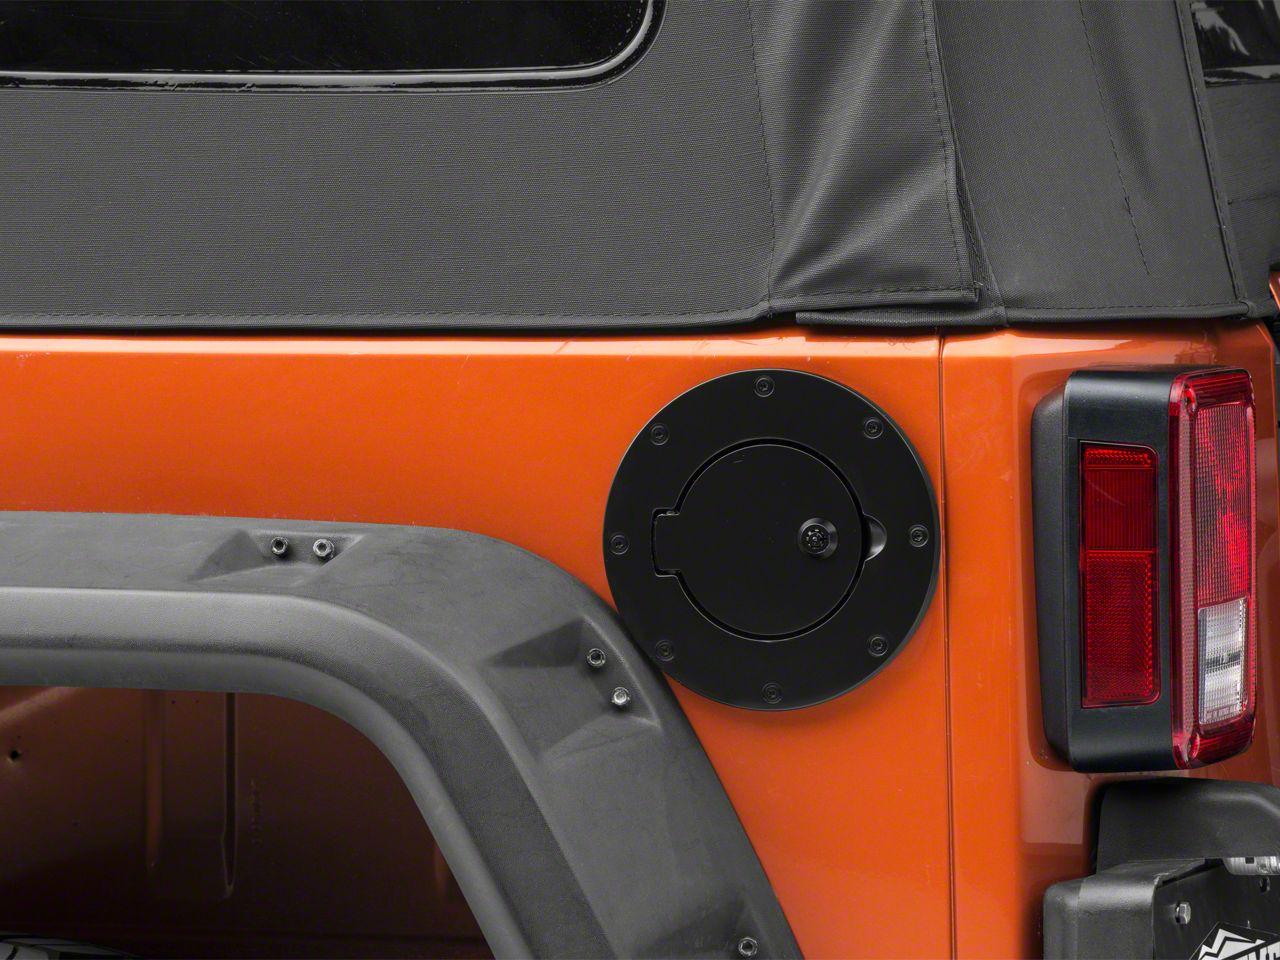 RT Off-Road Locking Fuel Door - Black (97-06 Jeep Wrangler TJ; 07-18 Jeep Wrangler JK 4 Door)